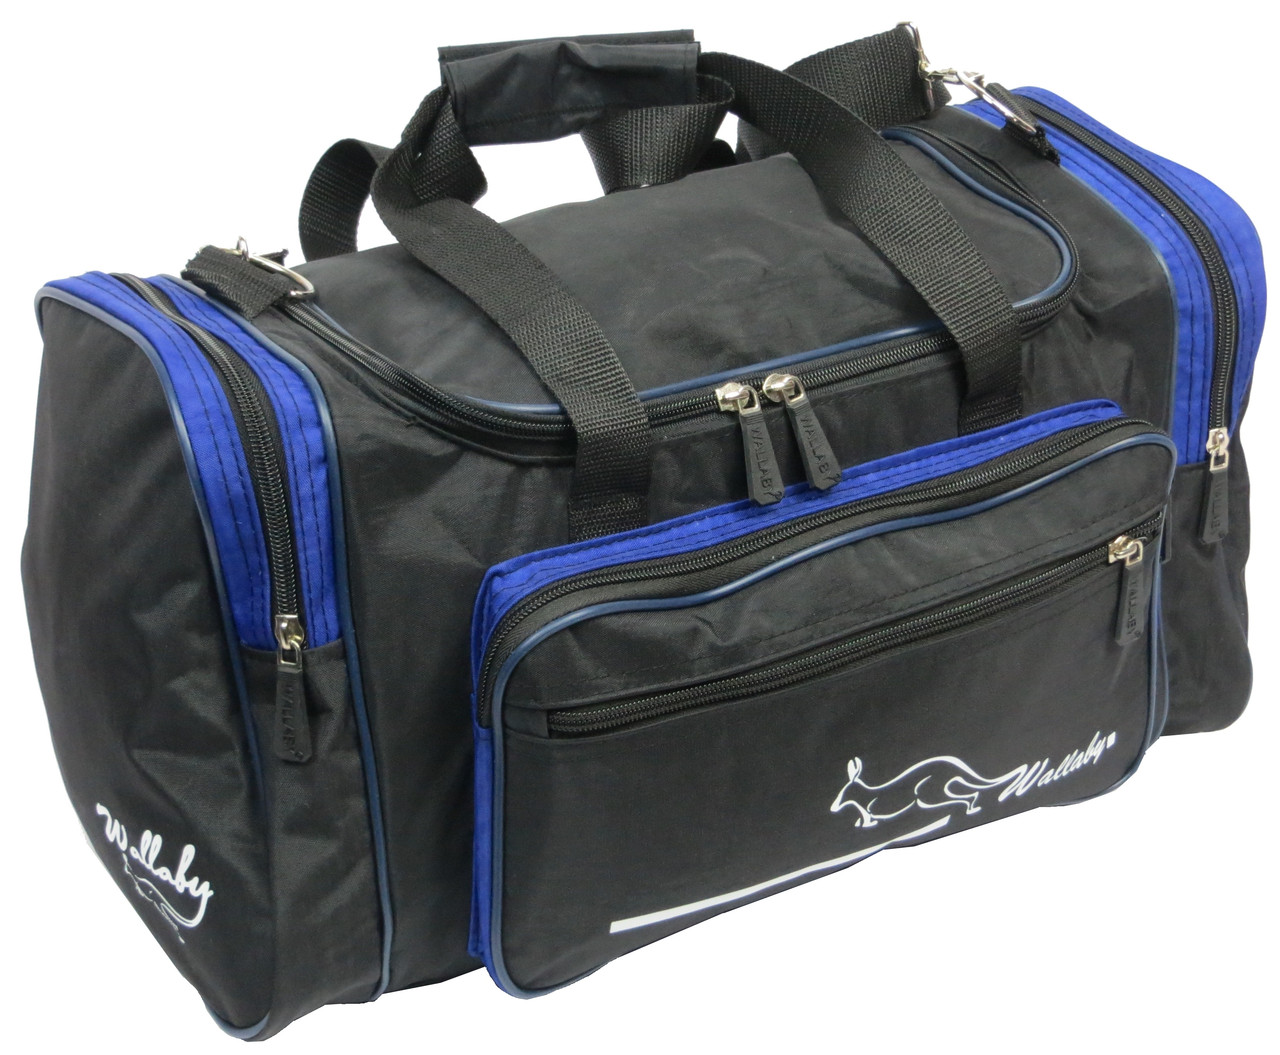 Сумка для тренировок Wallaby 270-2 черный с синим, 23 л